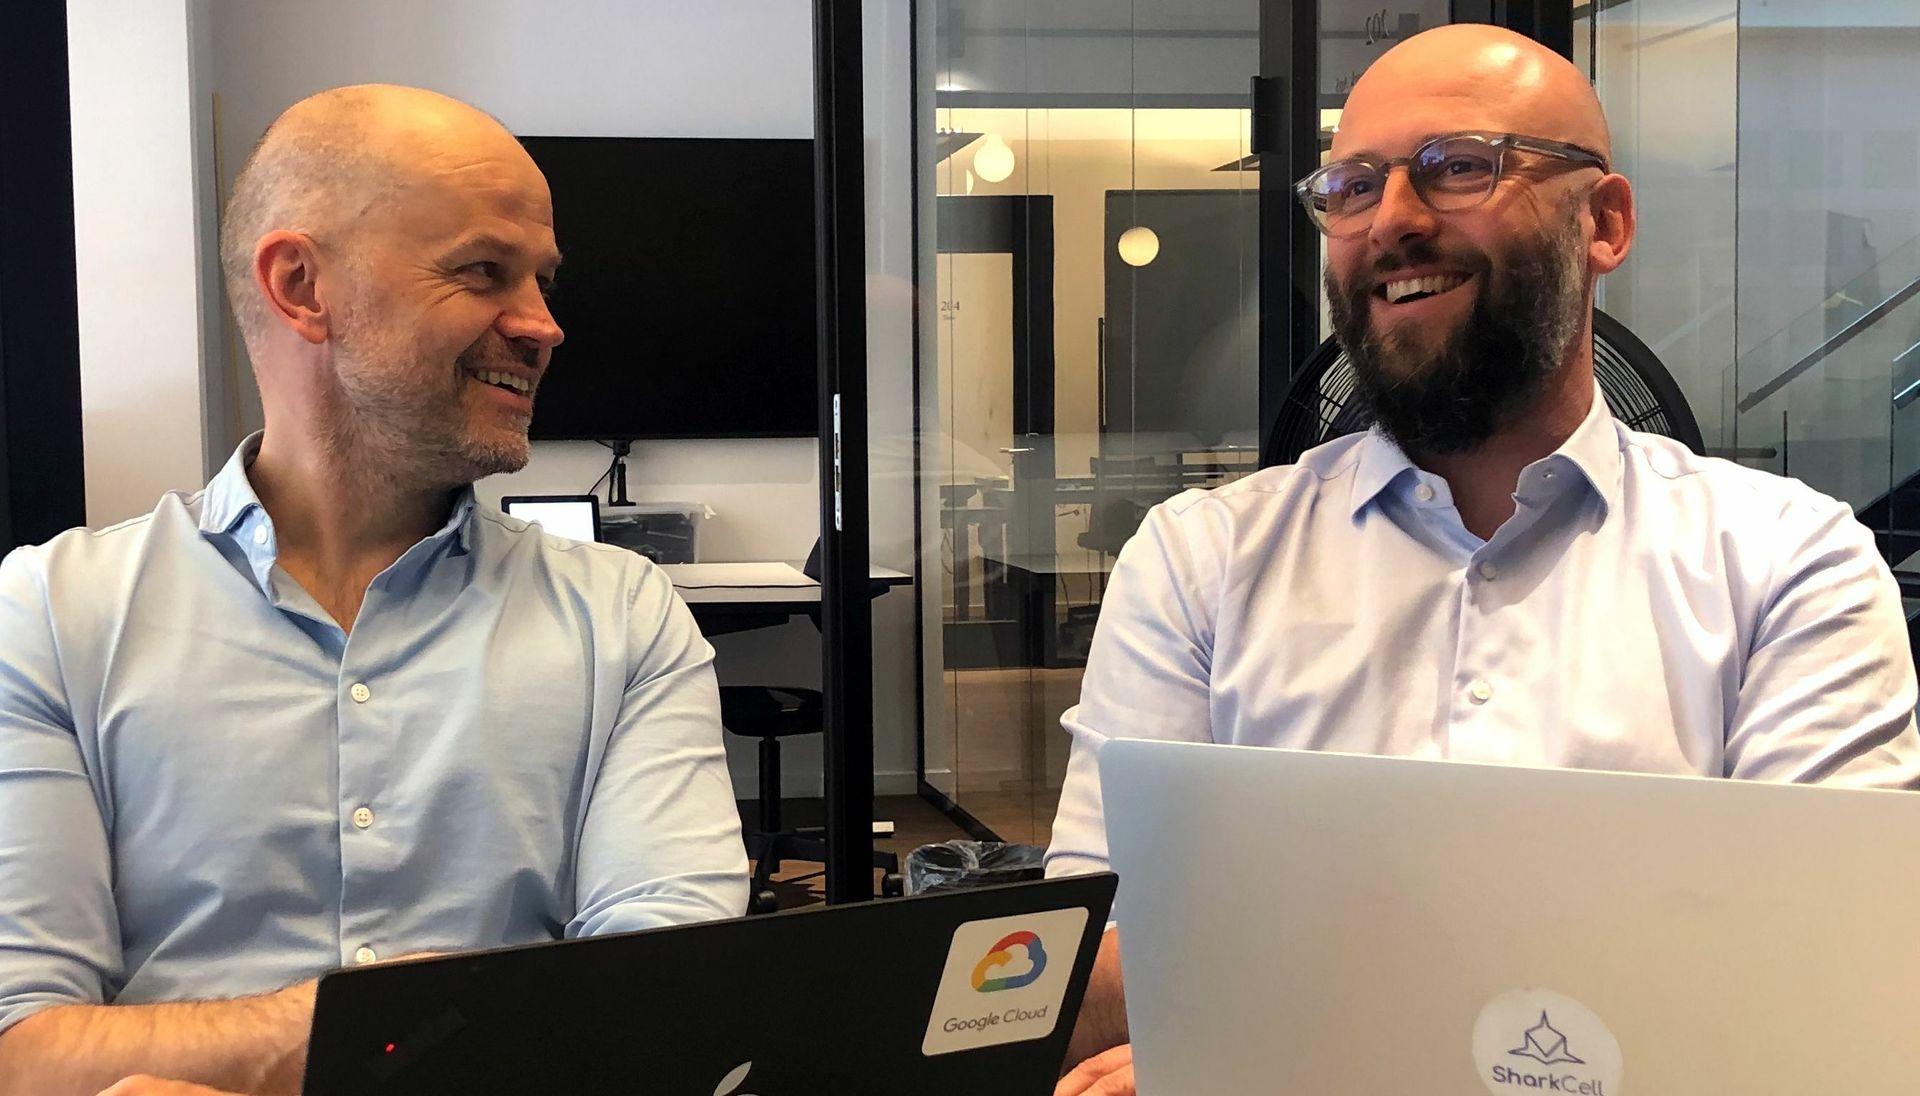 Daglig leder i Computas Danmark Jon-Gunnar Aasen (t.v.) og administrerende direktør i SharkCell Frederik Brøns feirer sammenslåingen. Foto: Computas